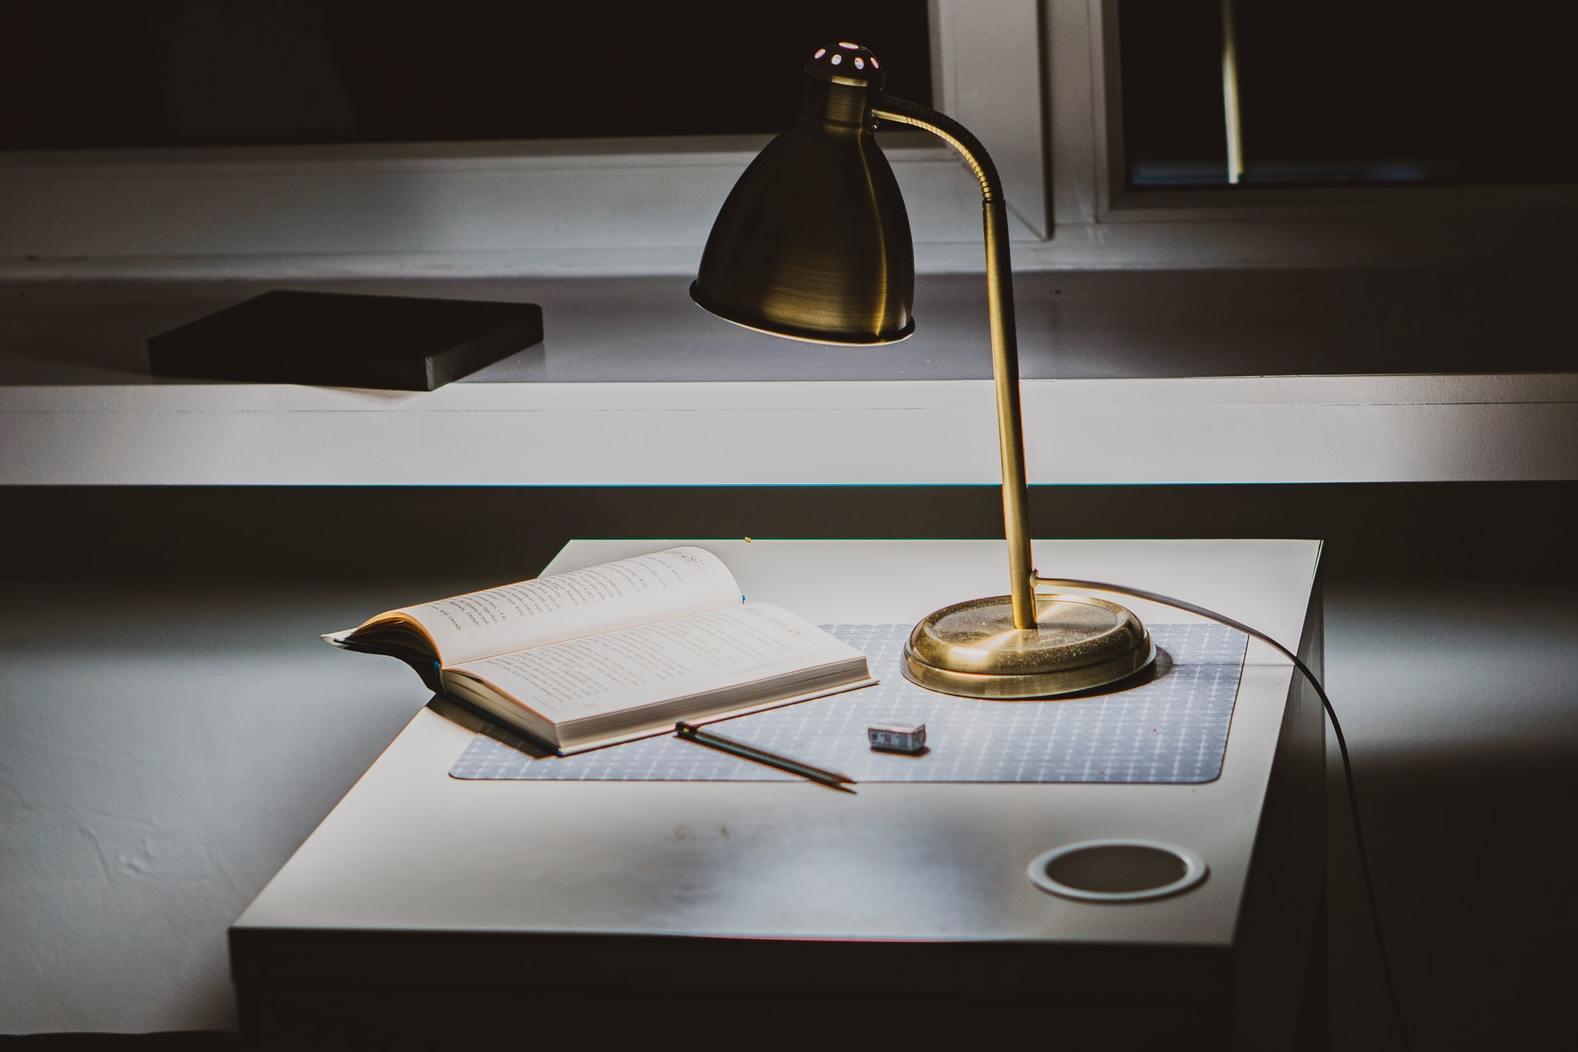 等灯,等灯,灯,五款主流一线护眼台灯详评